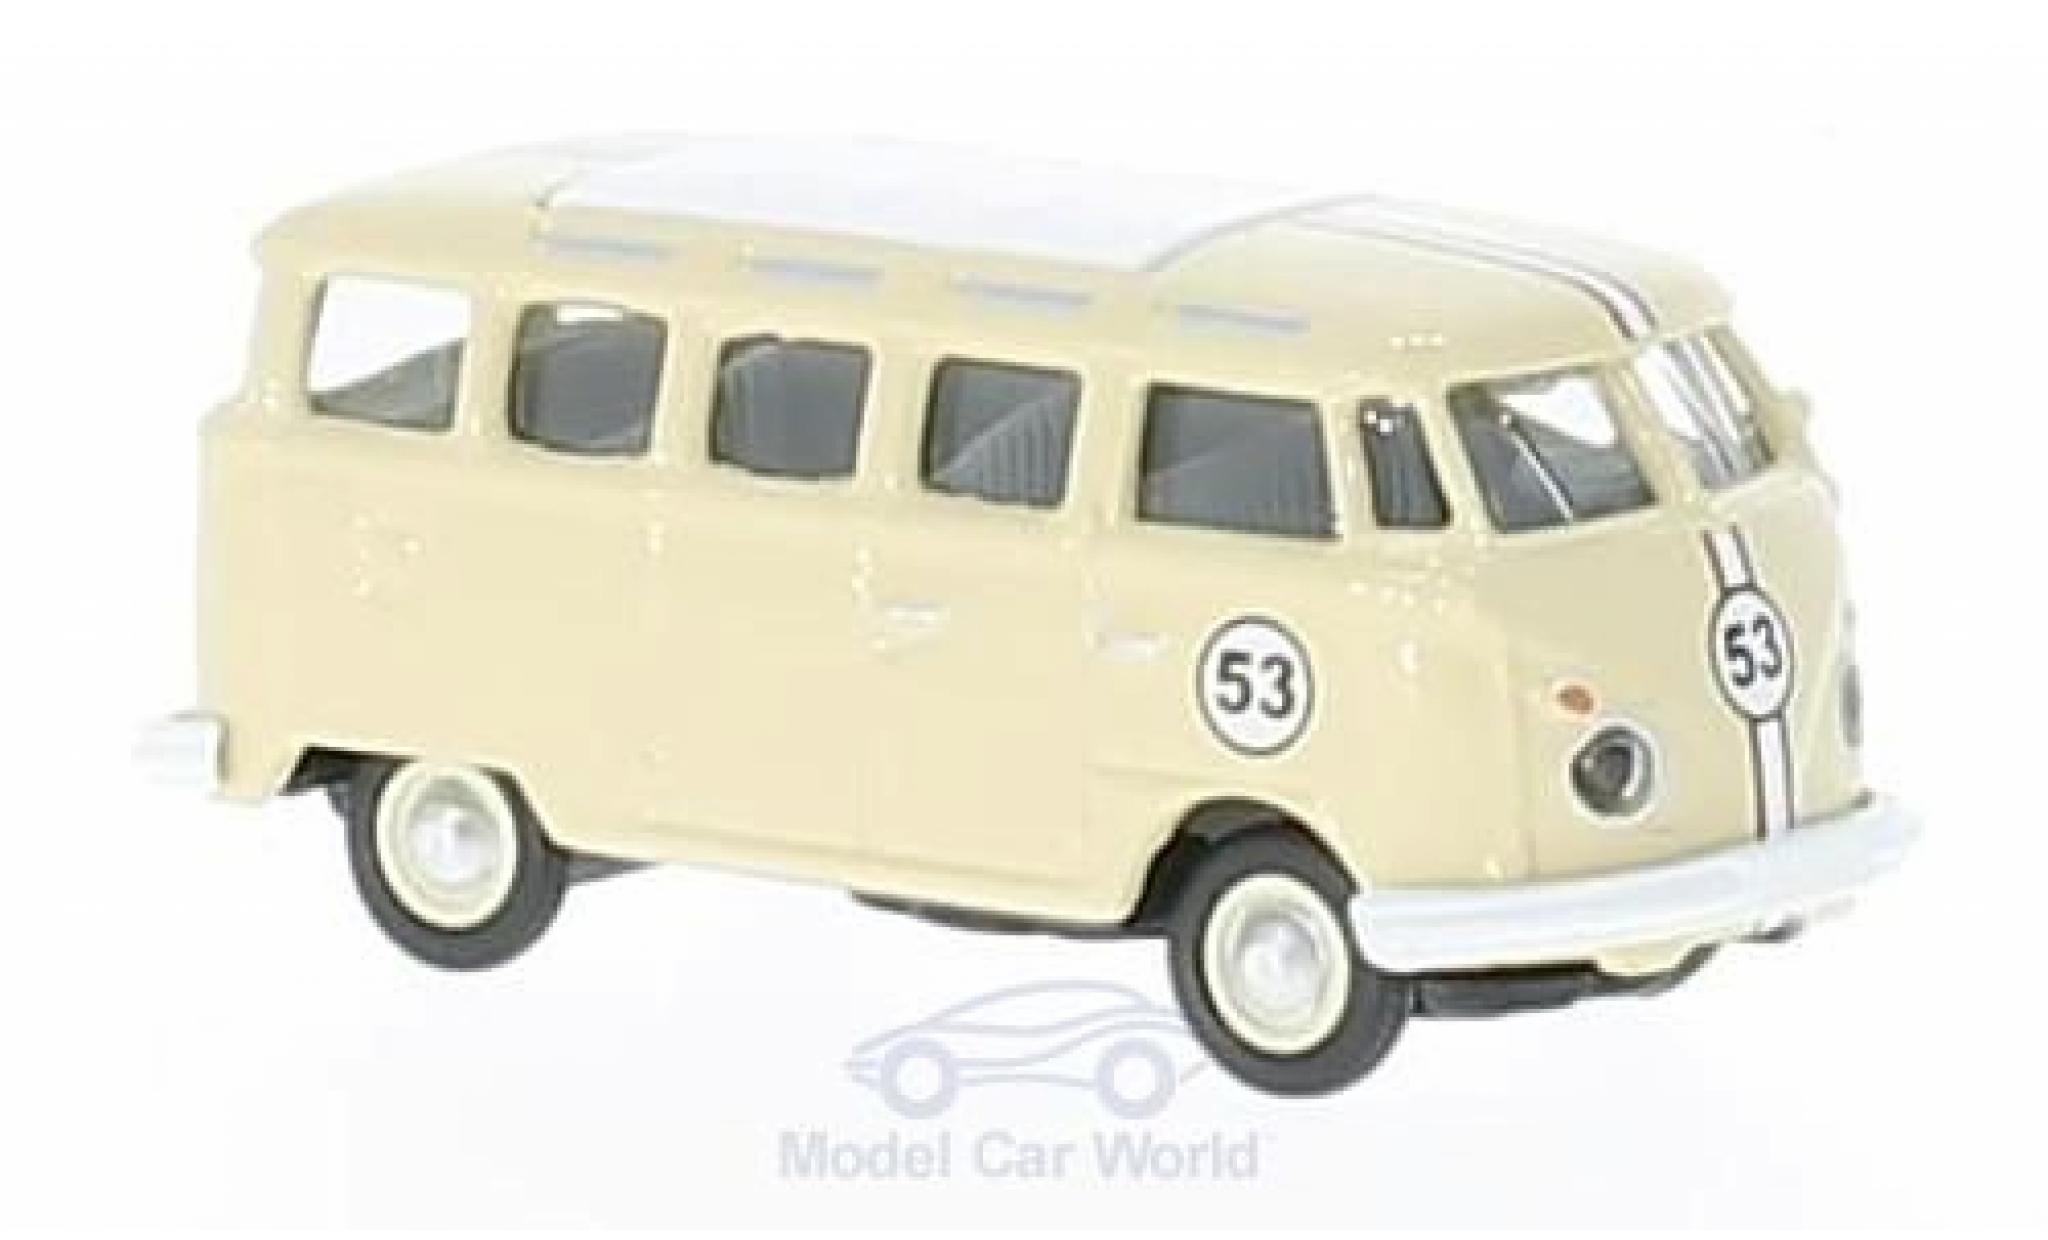 Volkswagen T1 B 1/87 Schuco c Samba beige No.53